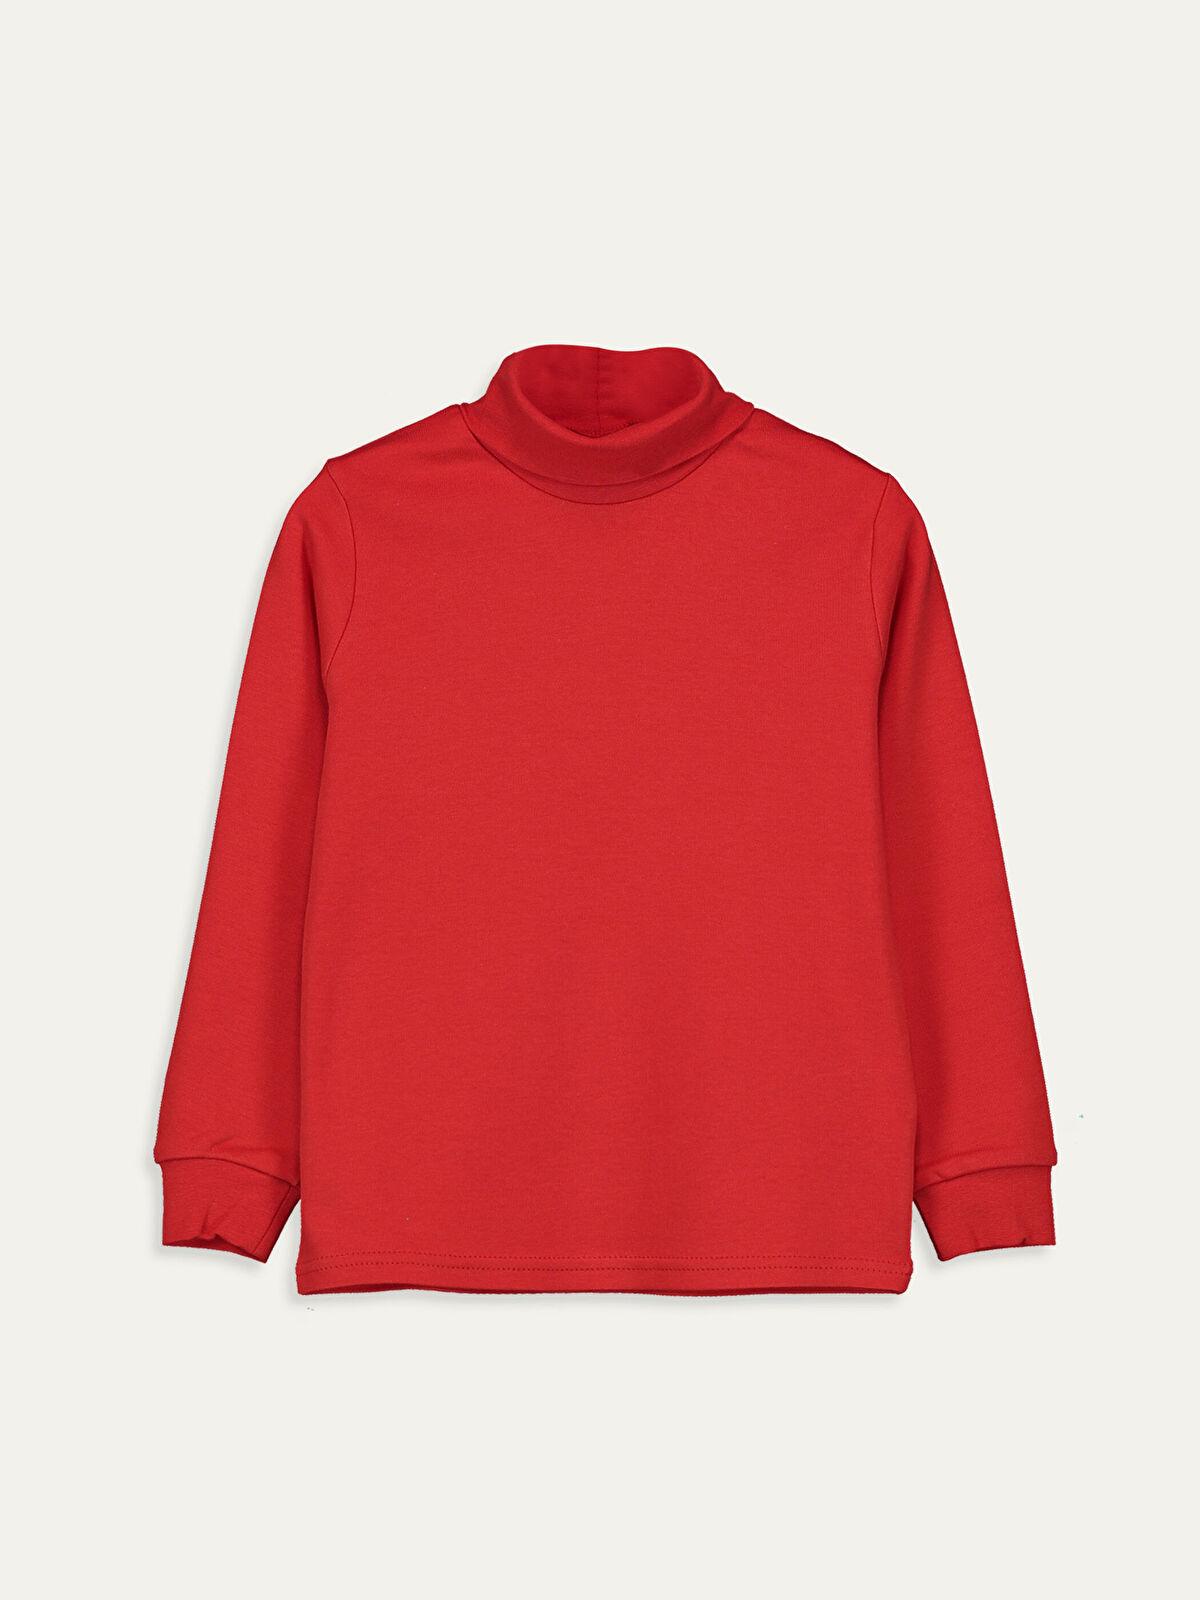 Erkek Çocuk Pamuklu Uzun Kollu Basic Tişört - LC WAIKIKI